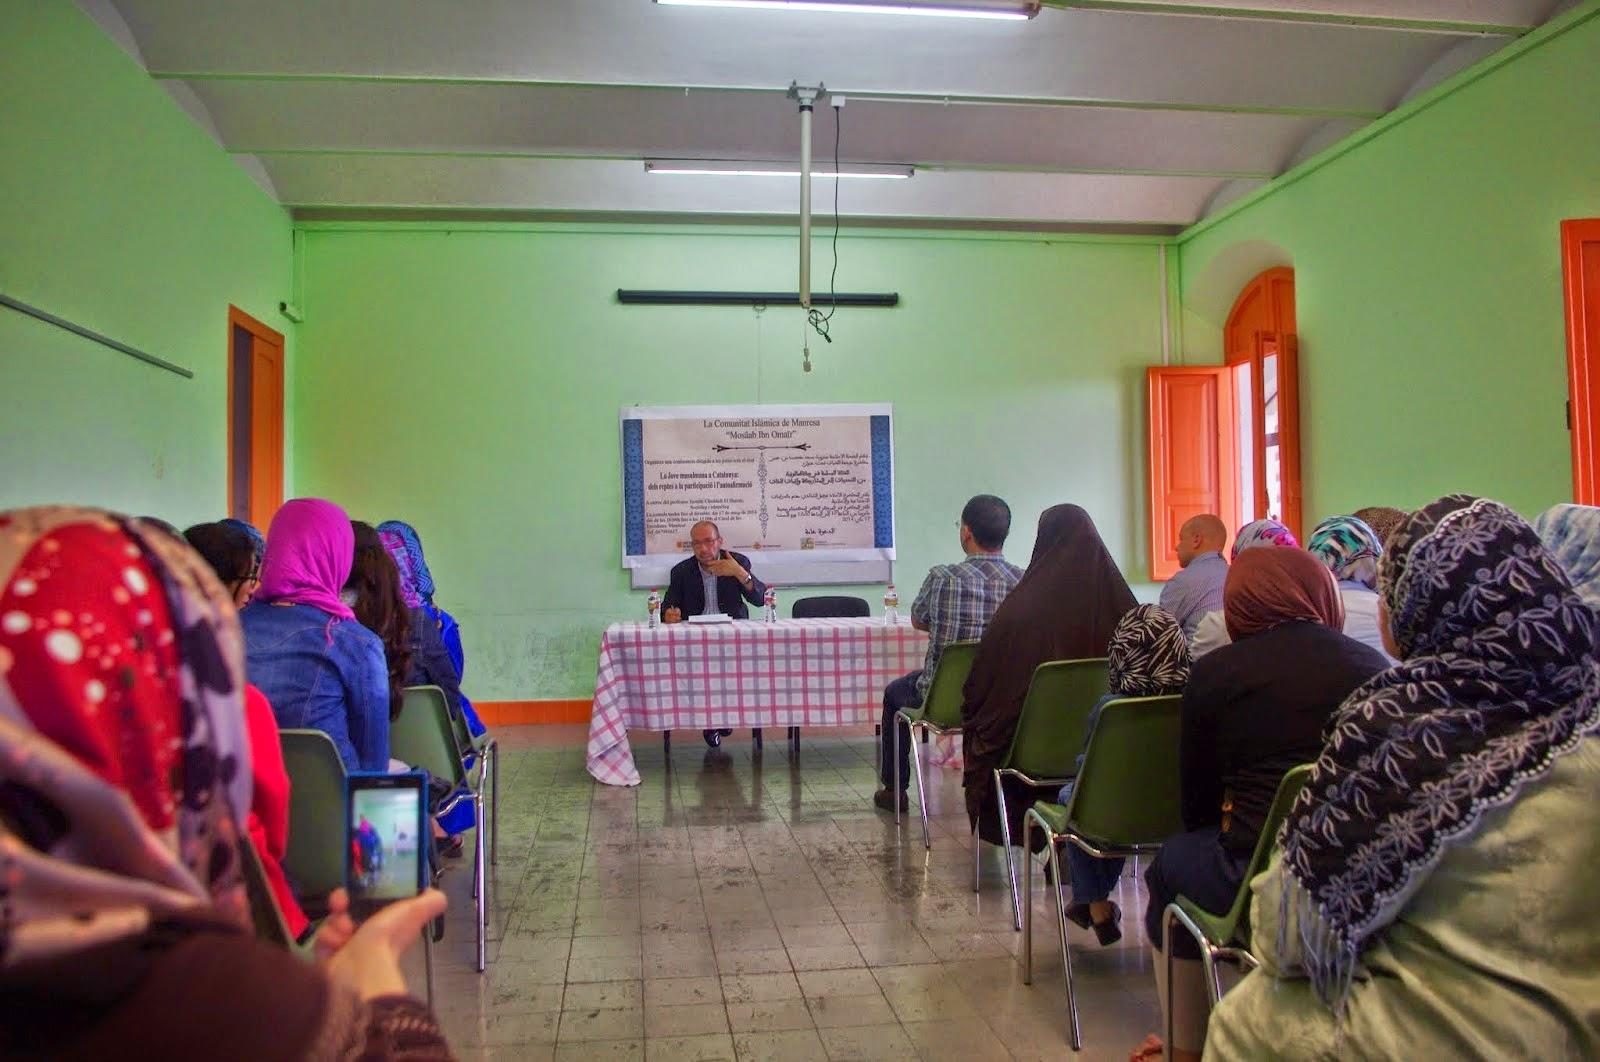 La joven musulmana en Cataluña: los retos hacia la participación y la autoafirmación